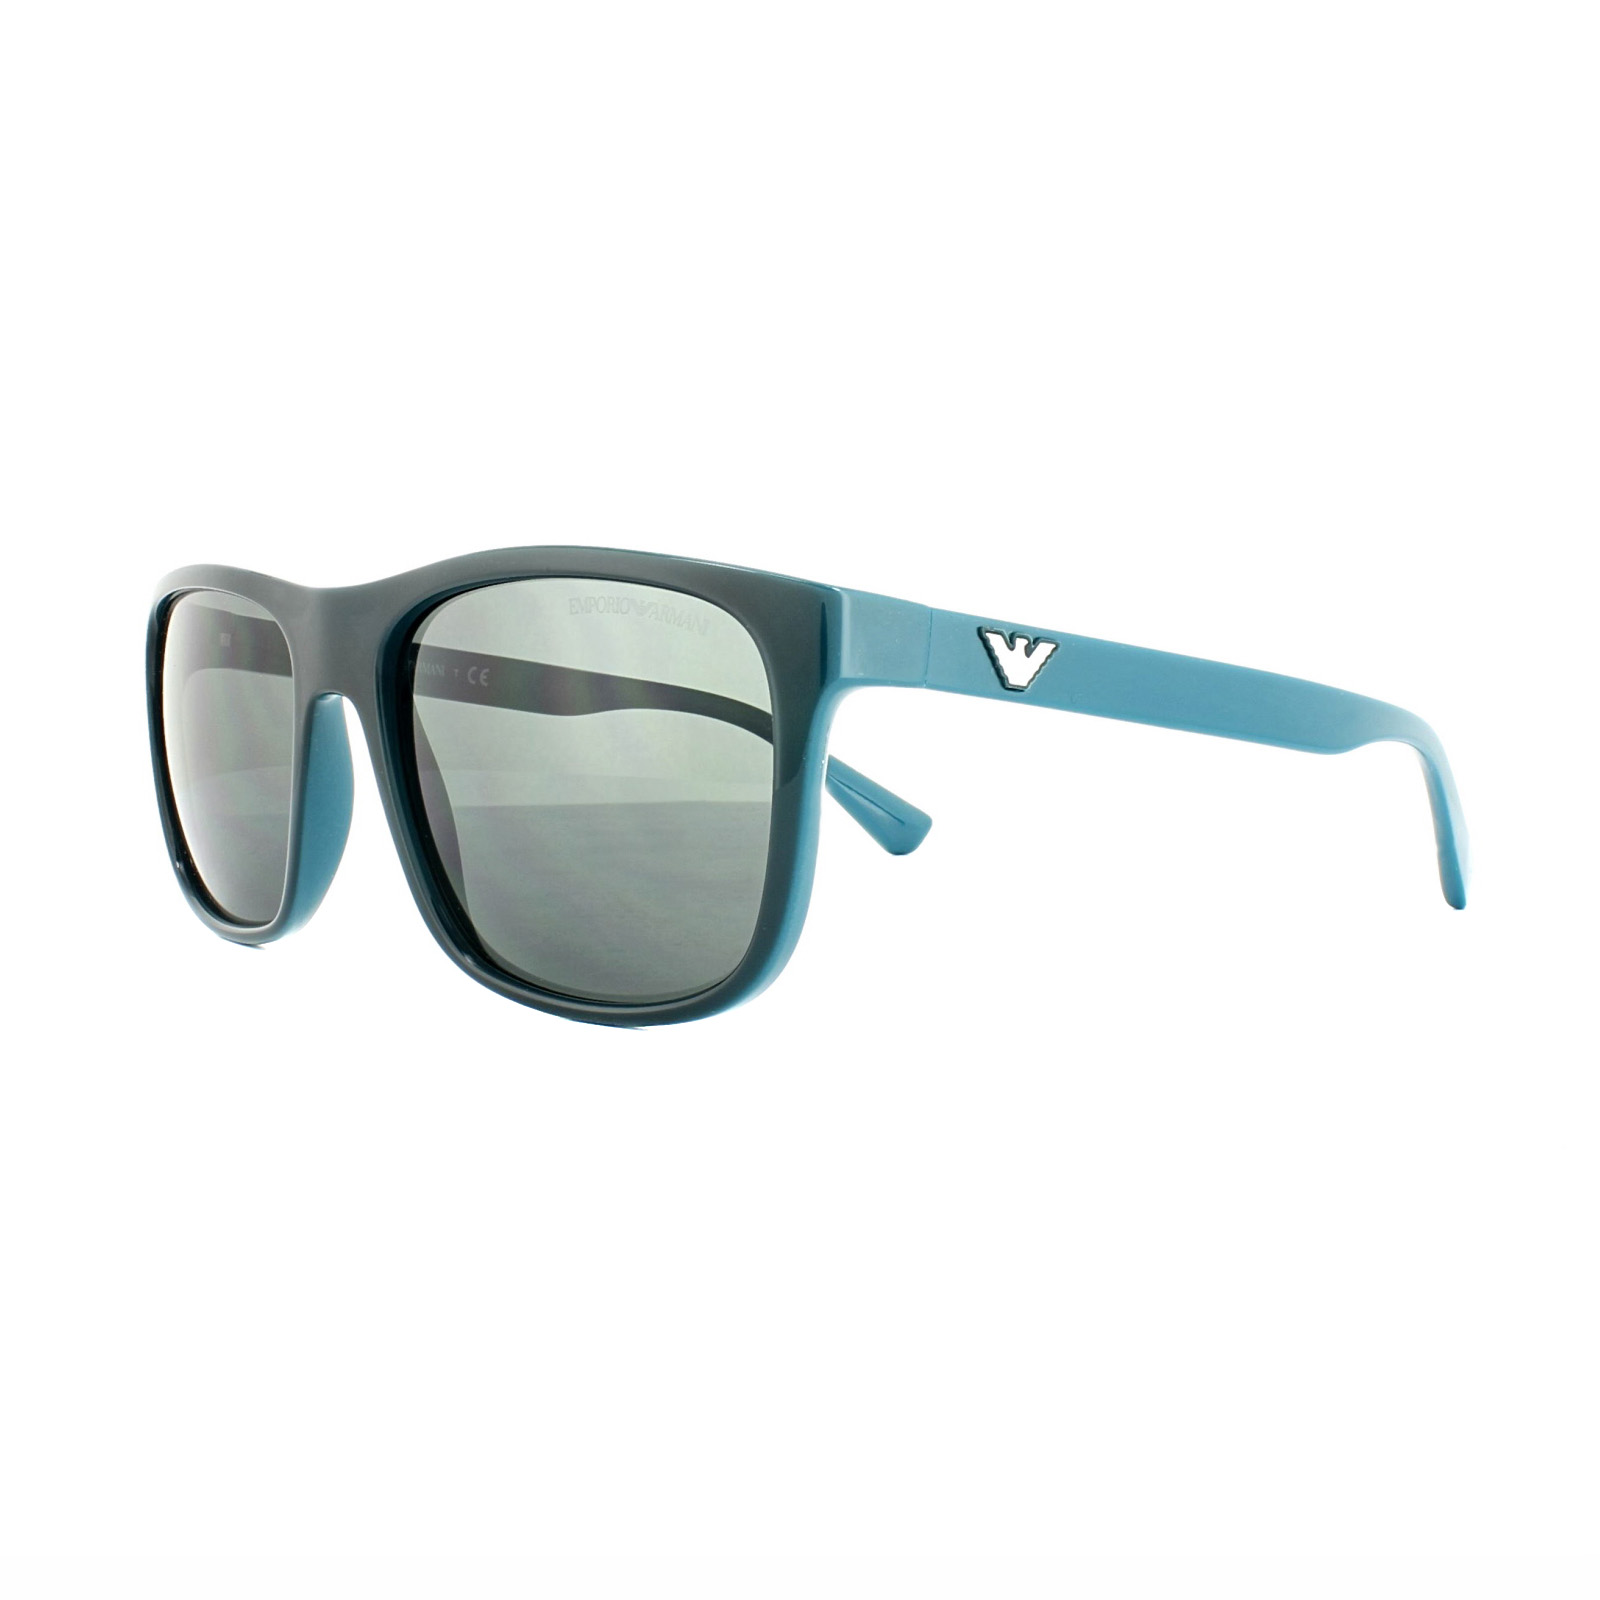 f76ae7c5cf Cheap Emporio Armani 4085 Sunglasses - Discounted Sunglasses